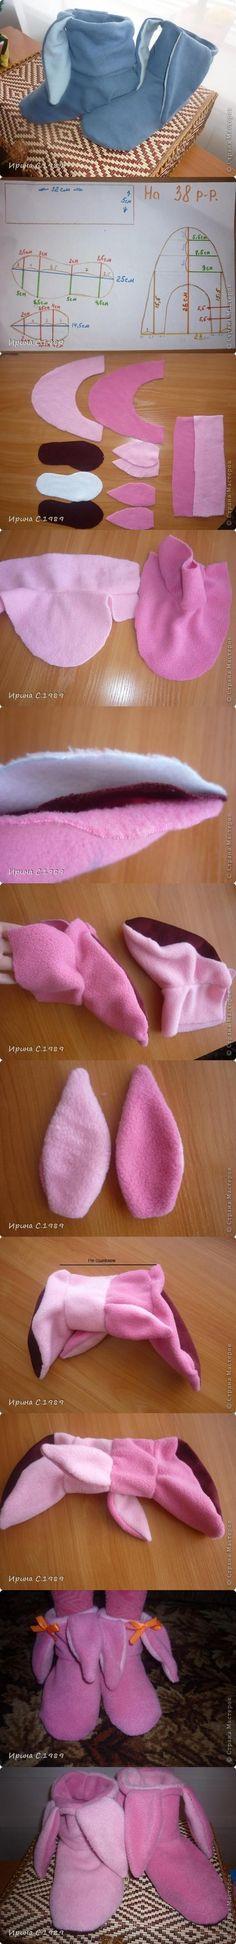 DIY Bunny Shoes